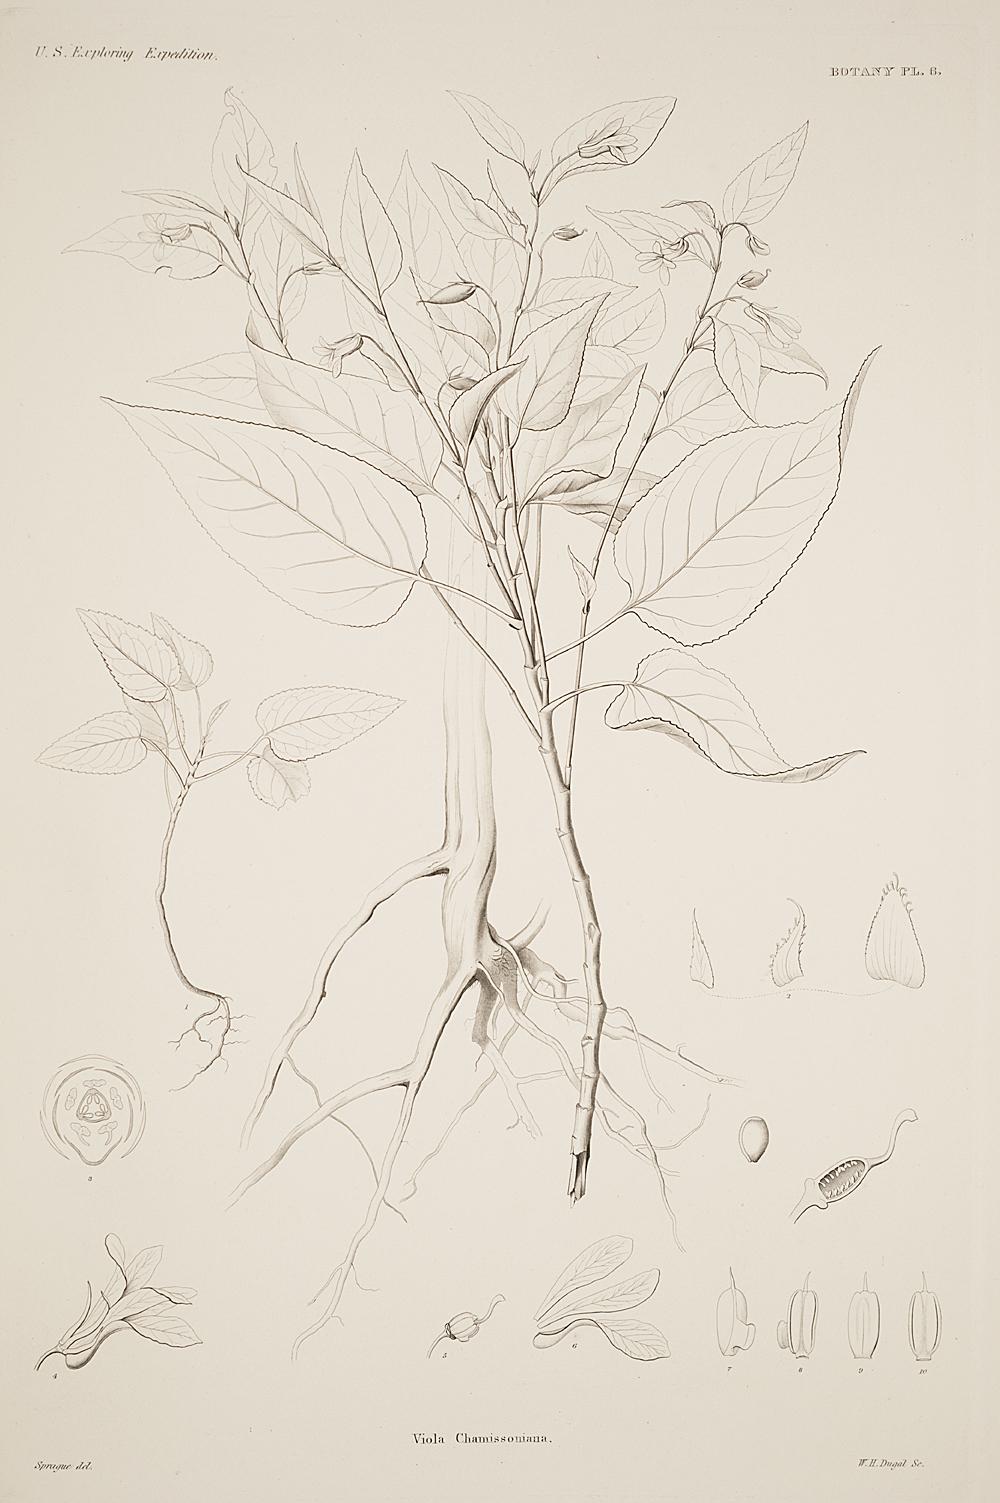 Botany, Pl. 6,  Image number:sil19-23-023b